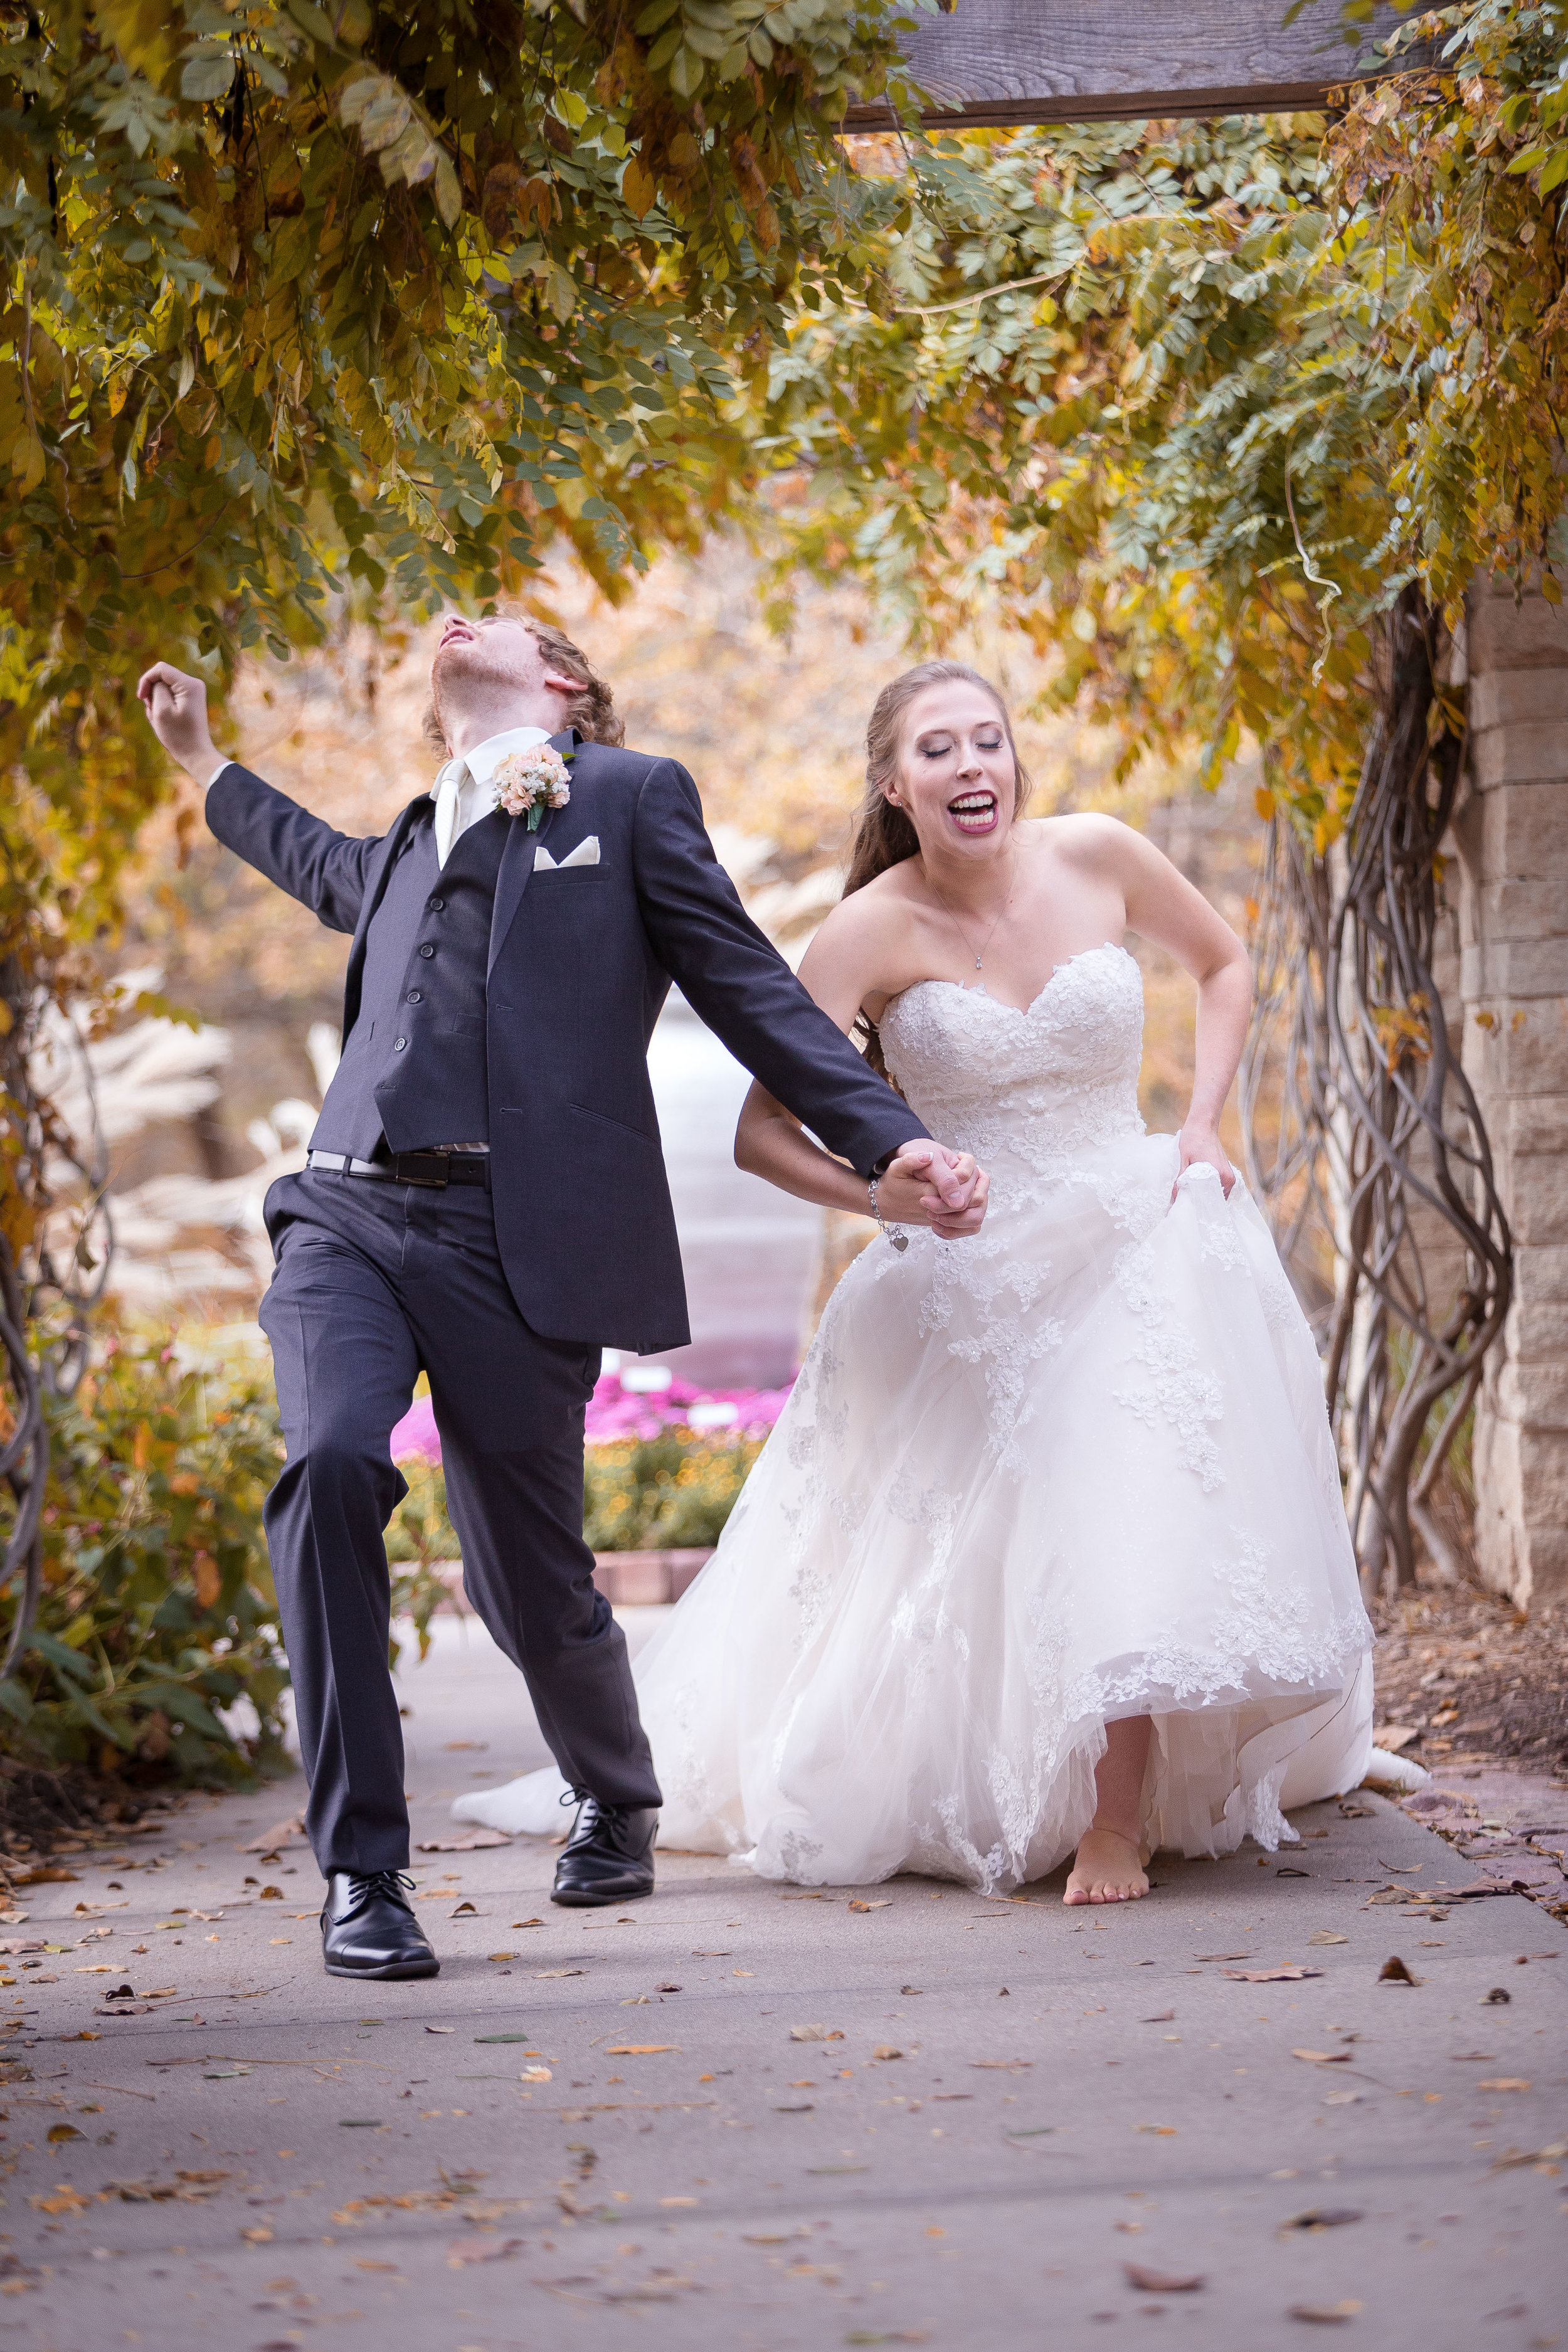 C_Wedding_Spellman, Megan & Tyler_10.27.18-830.JPG